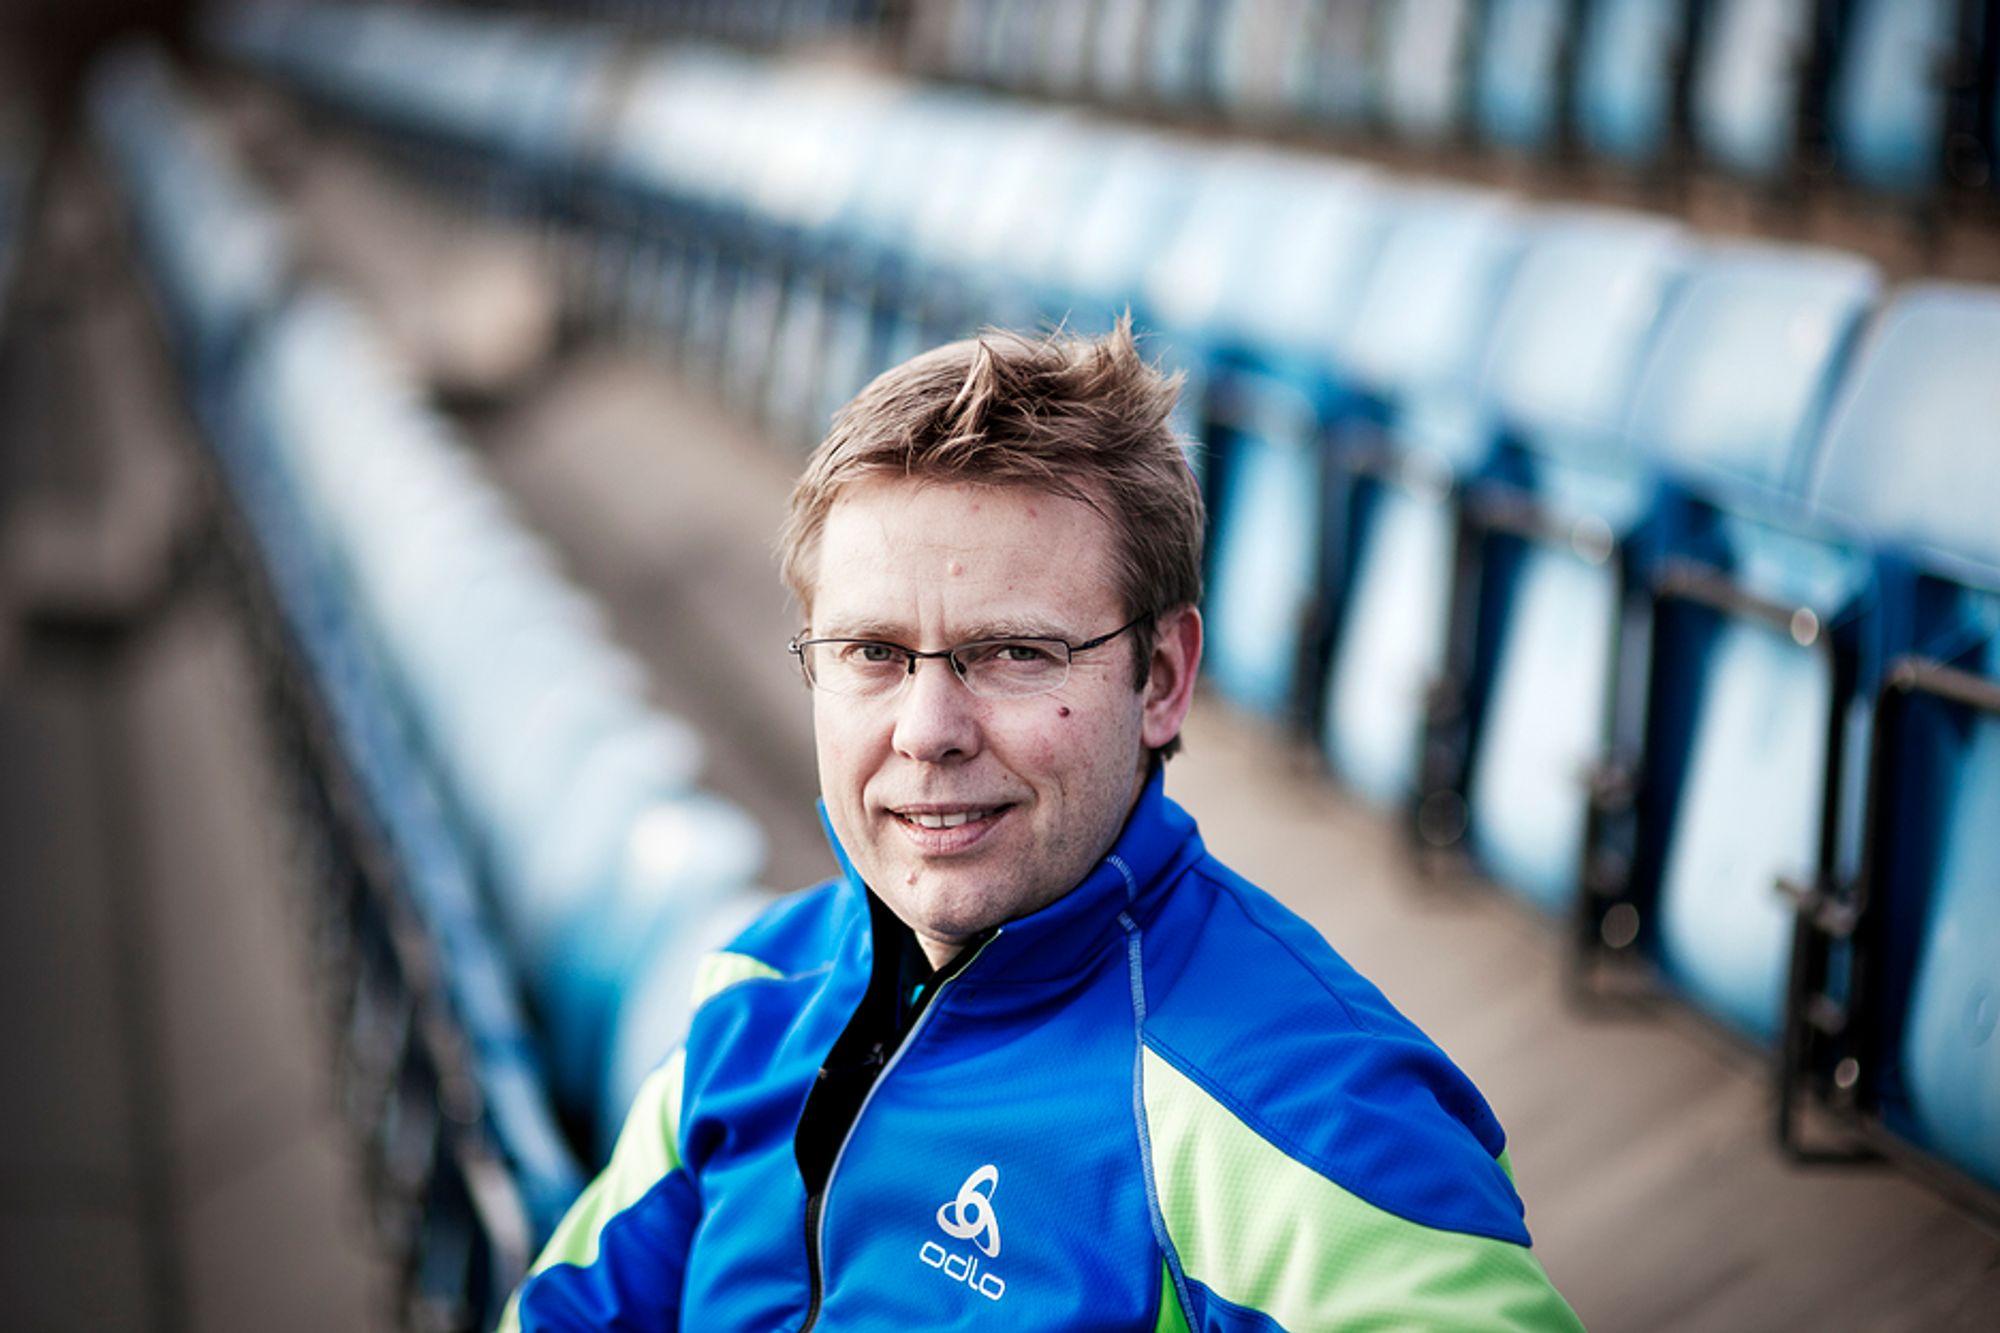 PÅ TILSKUERPLASS: Nå kommenterer Halvard Hanevold skiskytingen, fremfor å utøve den selv. Her på idrettsarenaen i Asker, hvor han har eget sete.